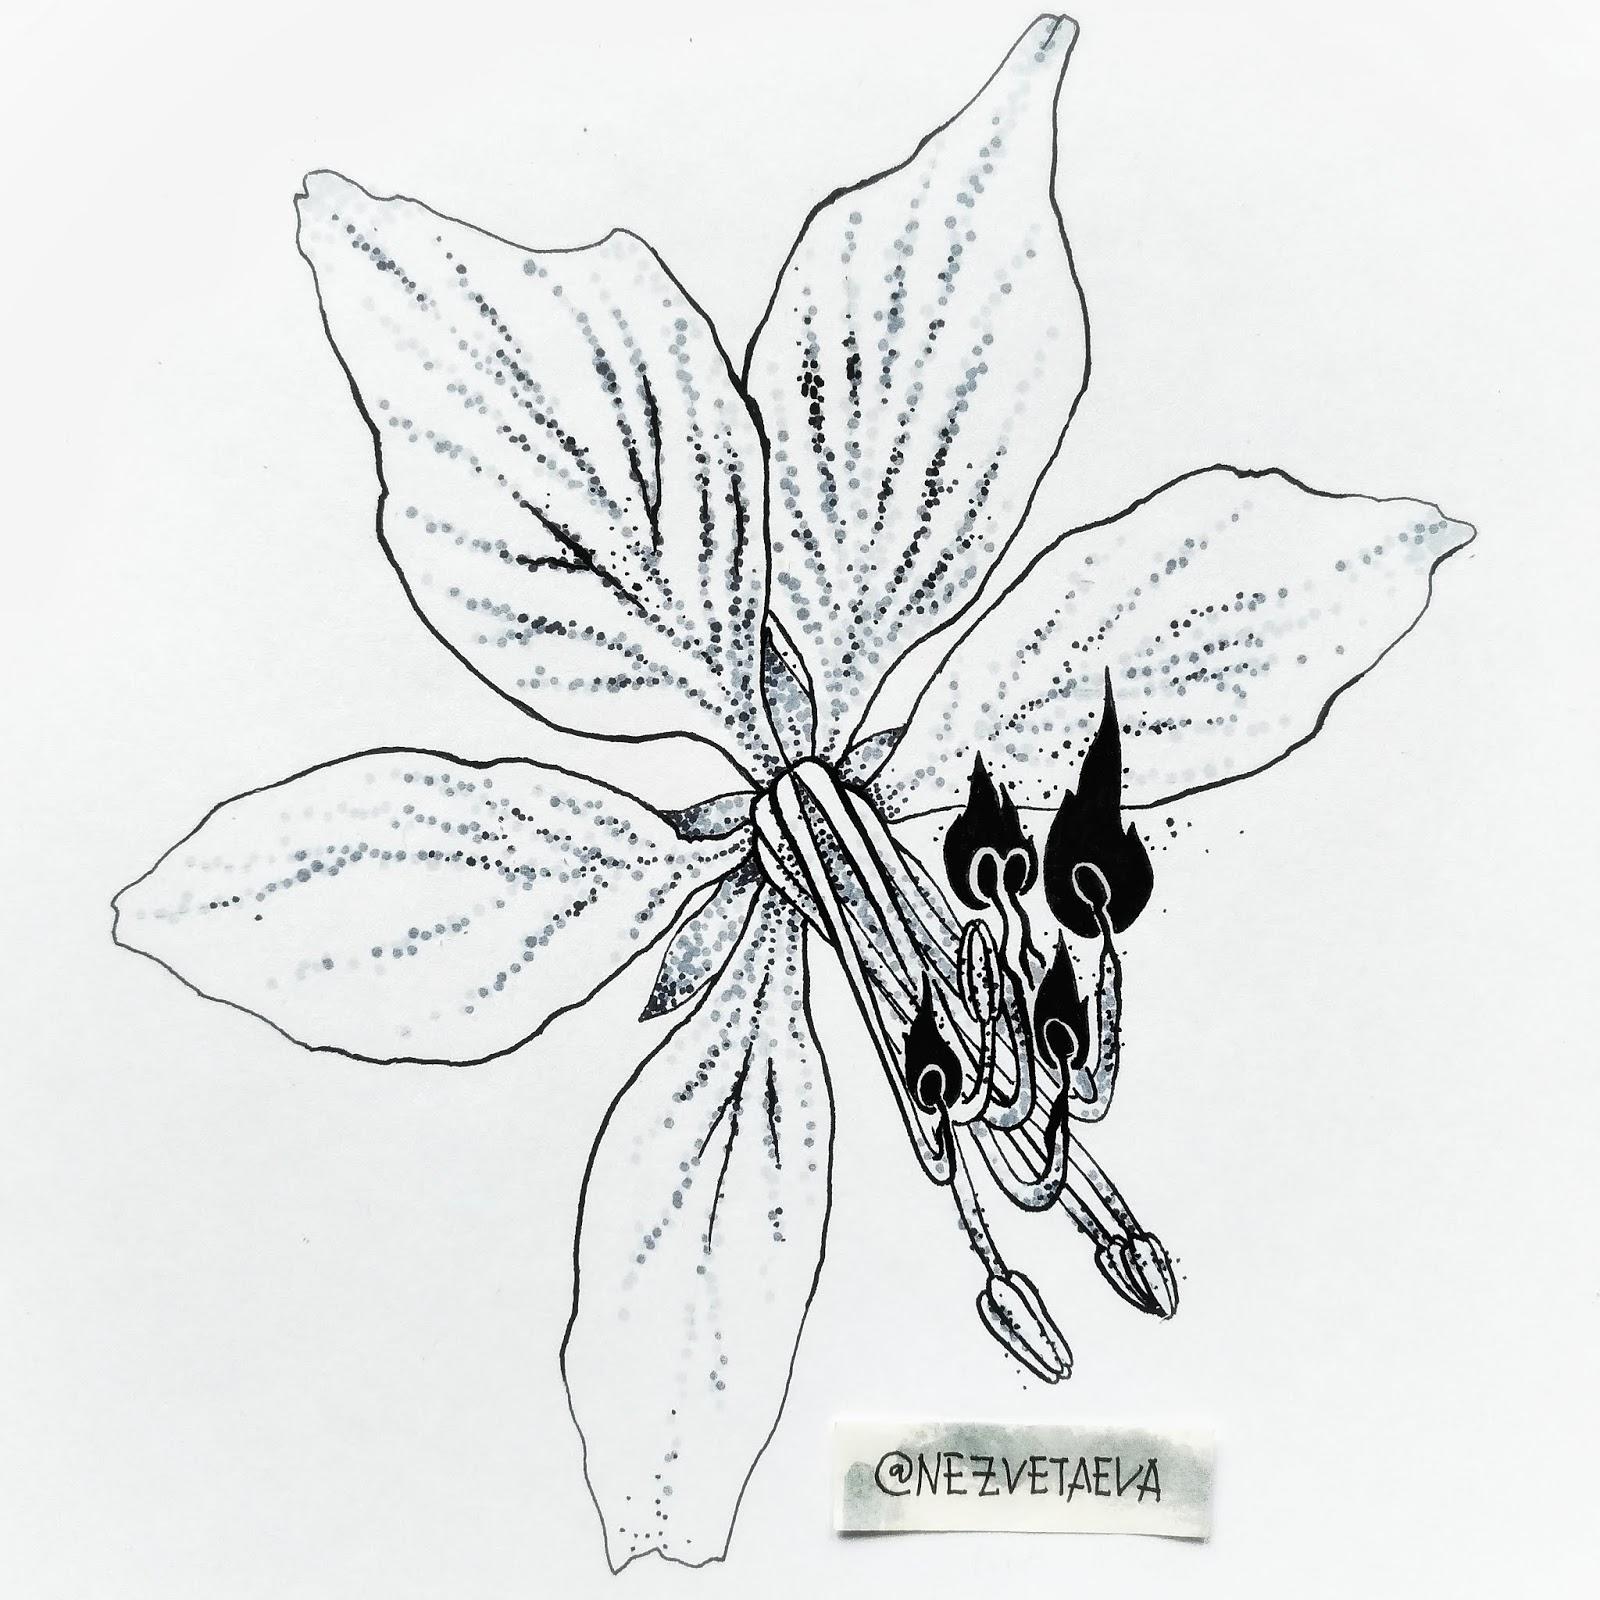 sonia-nezvetaeva-inktober2018-dictamnus-dotwork-sketch